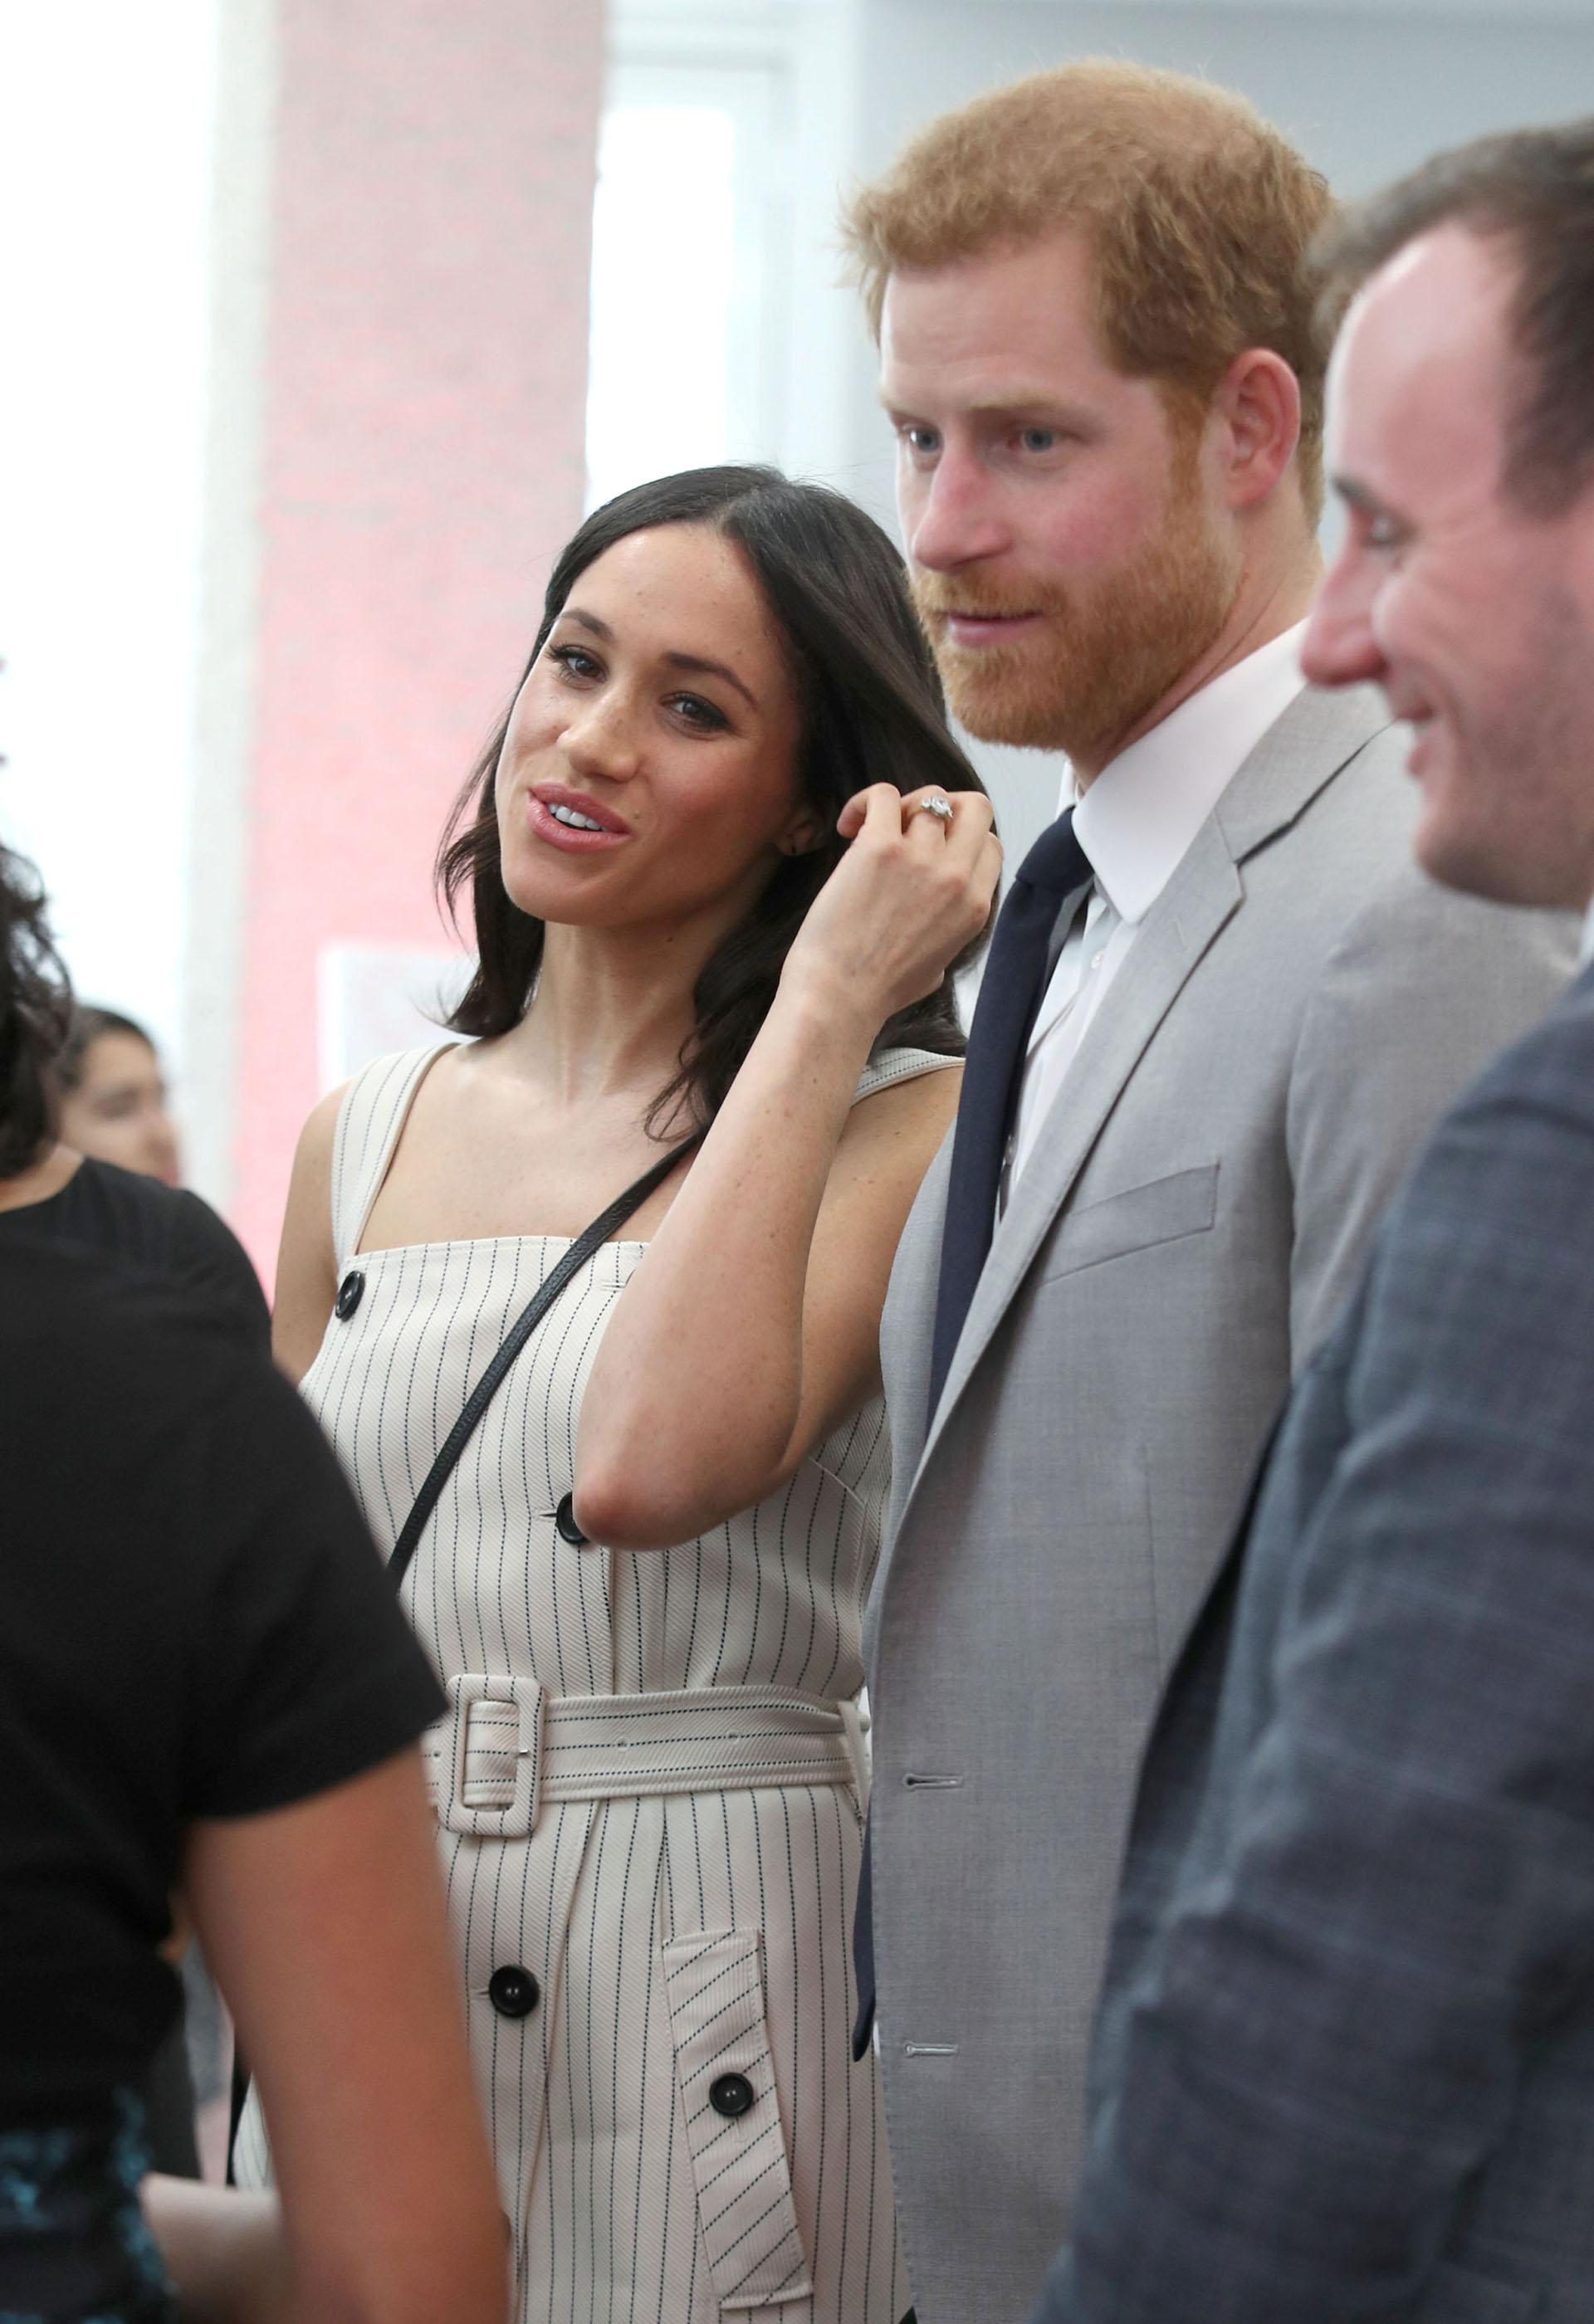 Para la ocasión, la futura esposa brilló con un vestido de Altuzarra, que combinó con una chaqueta de Camilla and Marc